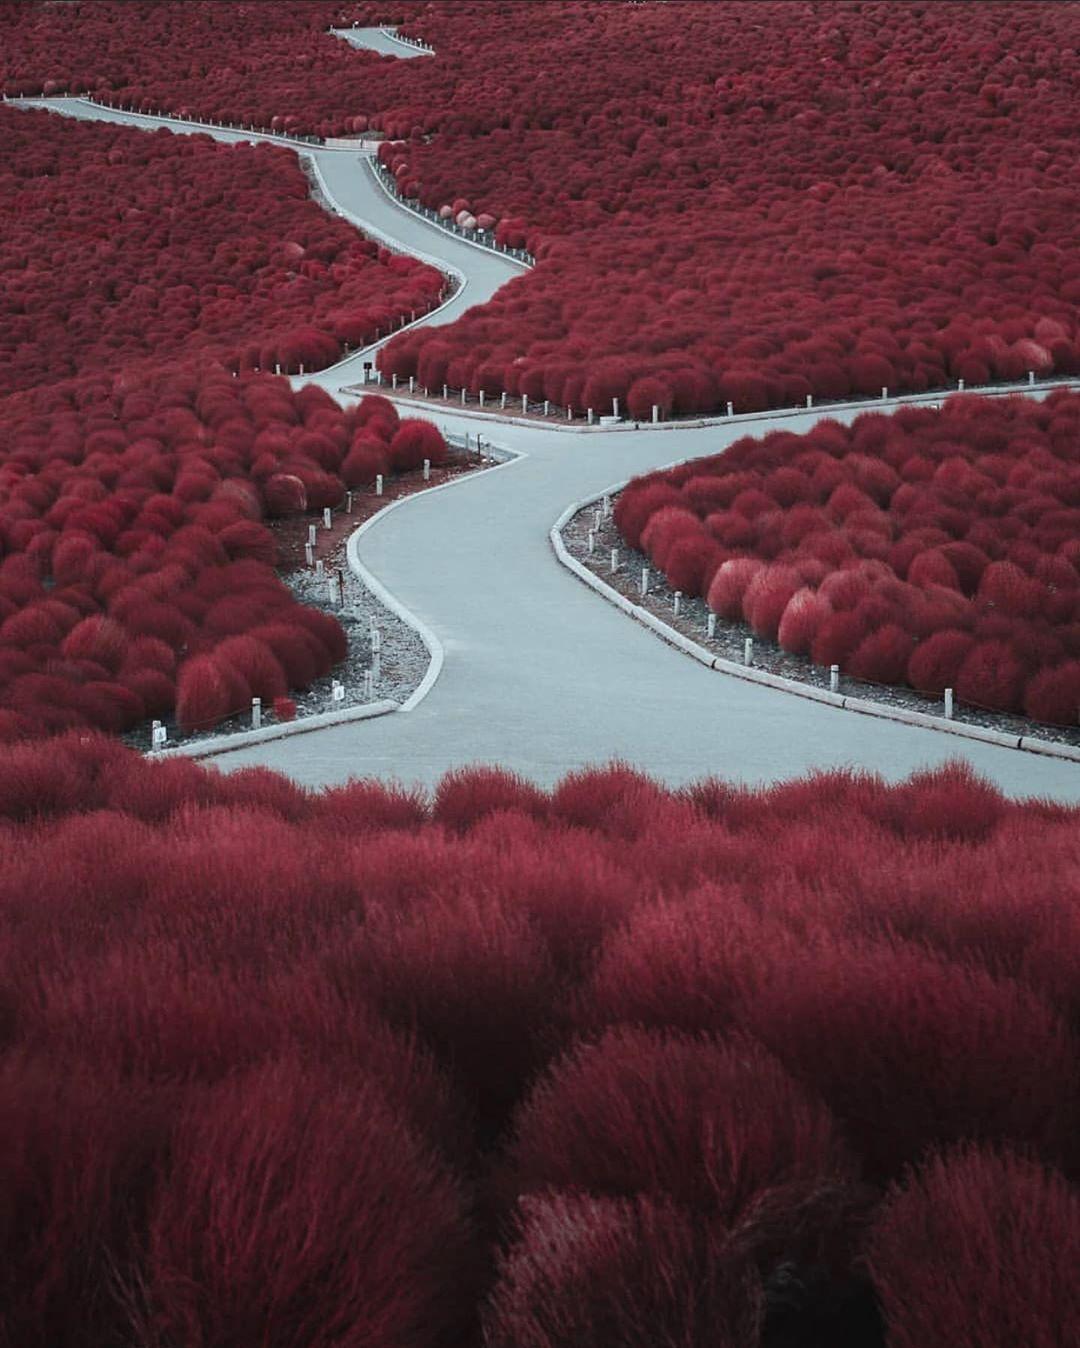 Khám phá cánh đồng hoa tỉnh Ibaraki - Thiên đường hoa 4 mùa chỉ có tại Nhật Bản